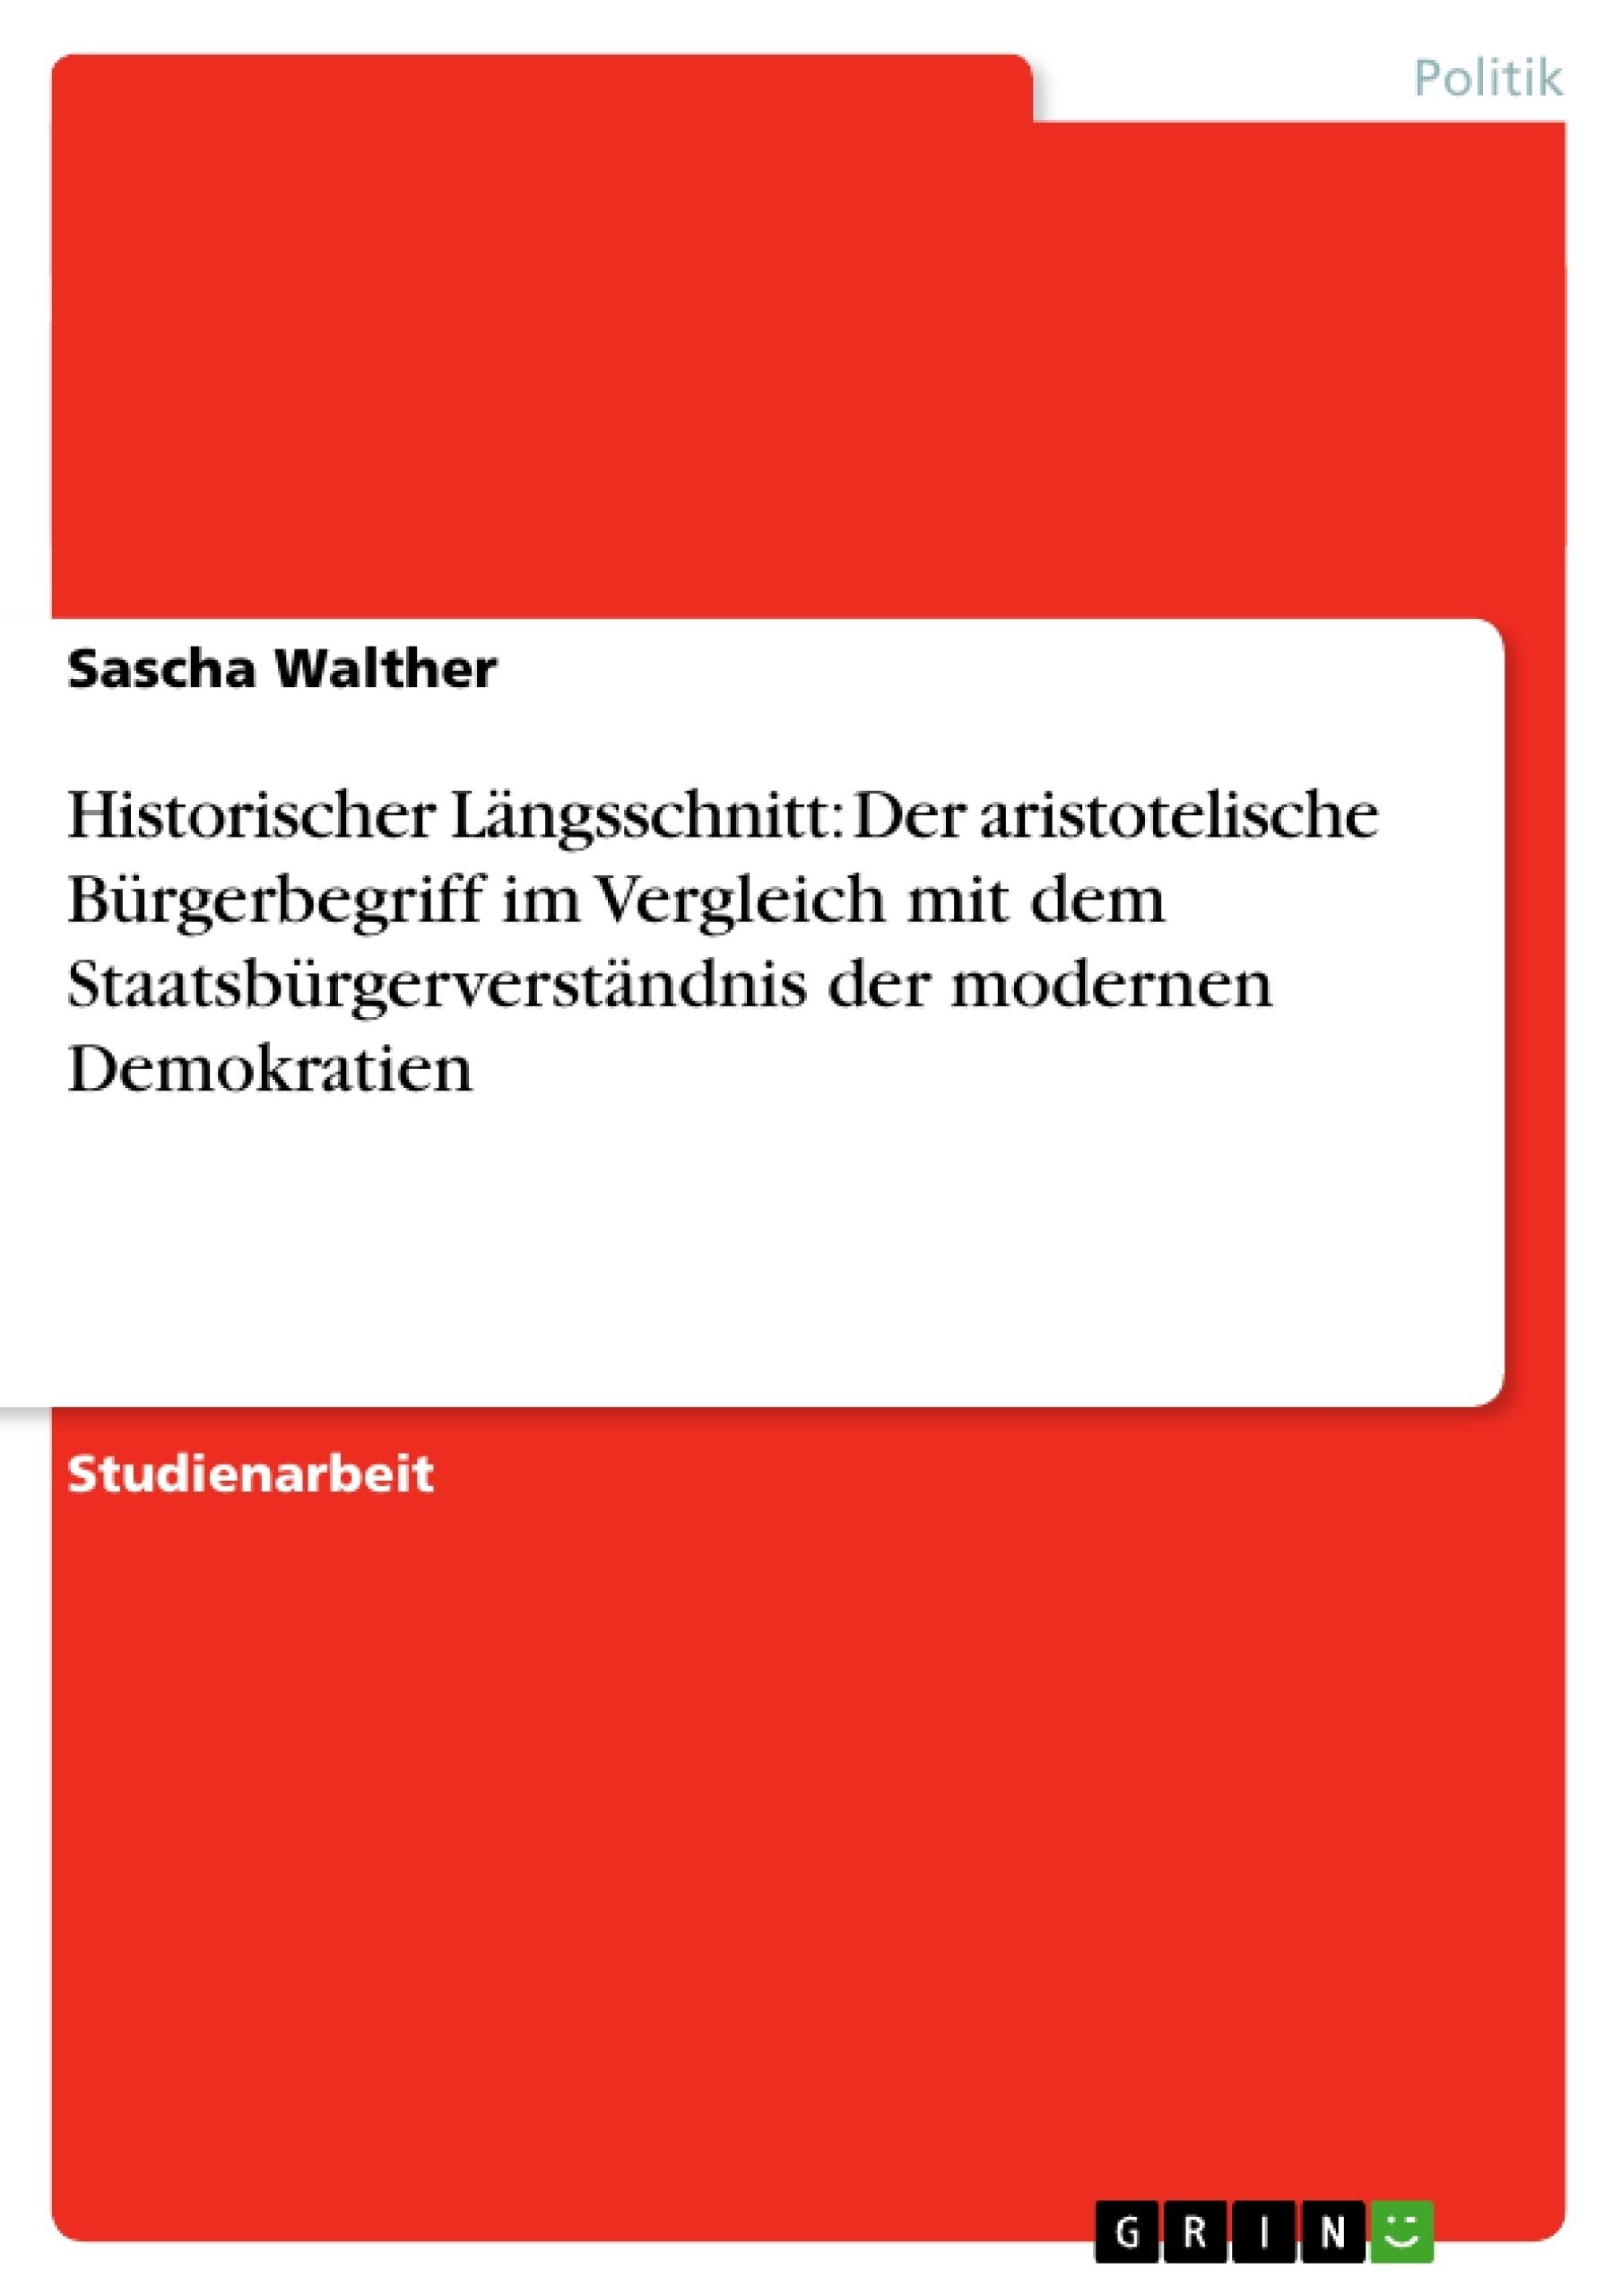 Titel: Historischer Längsschnitt: Der aristotelische Bürgerbegriff im Vergleich mit dem Staatsbürgerverständnis der modernen Demokratien